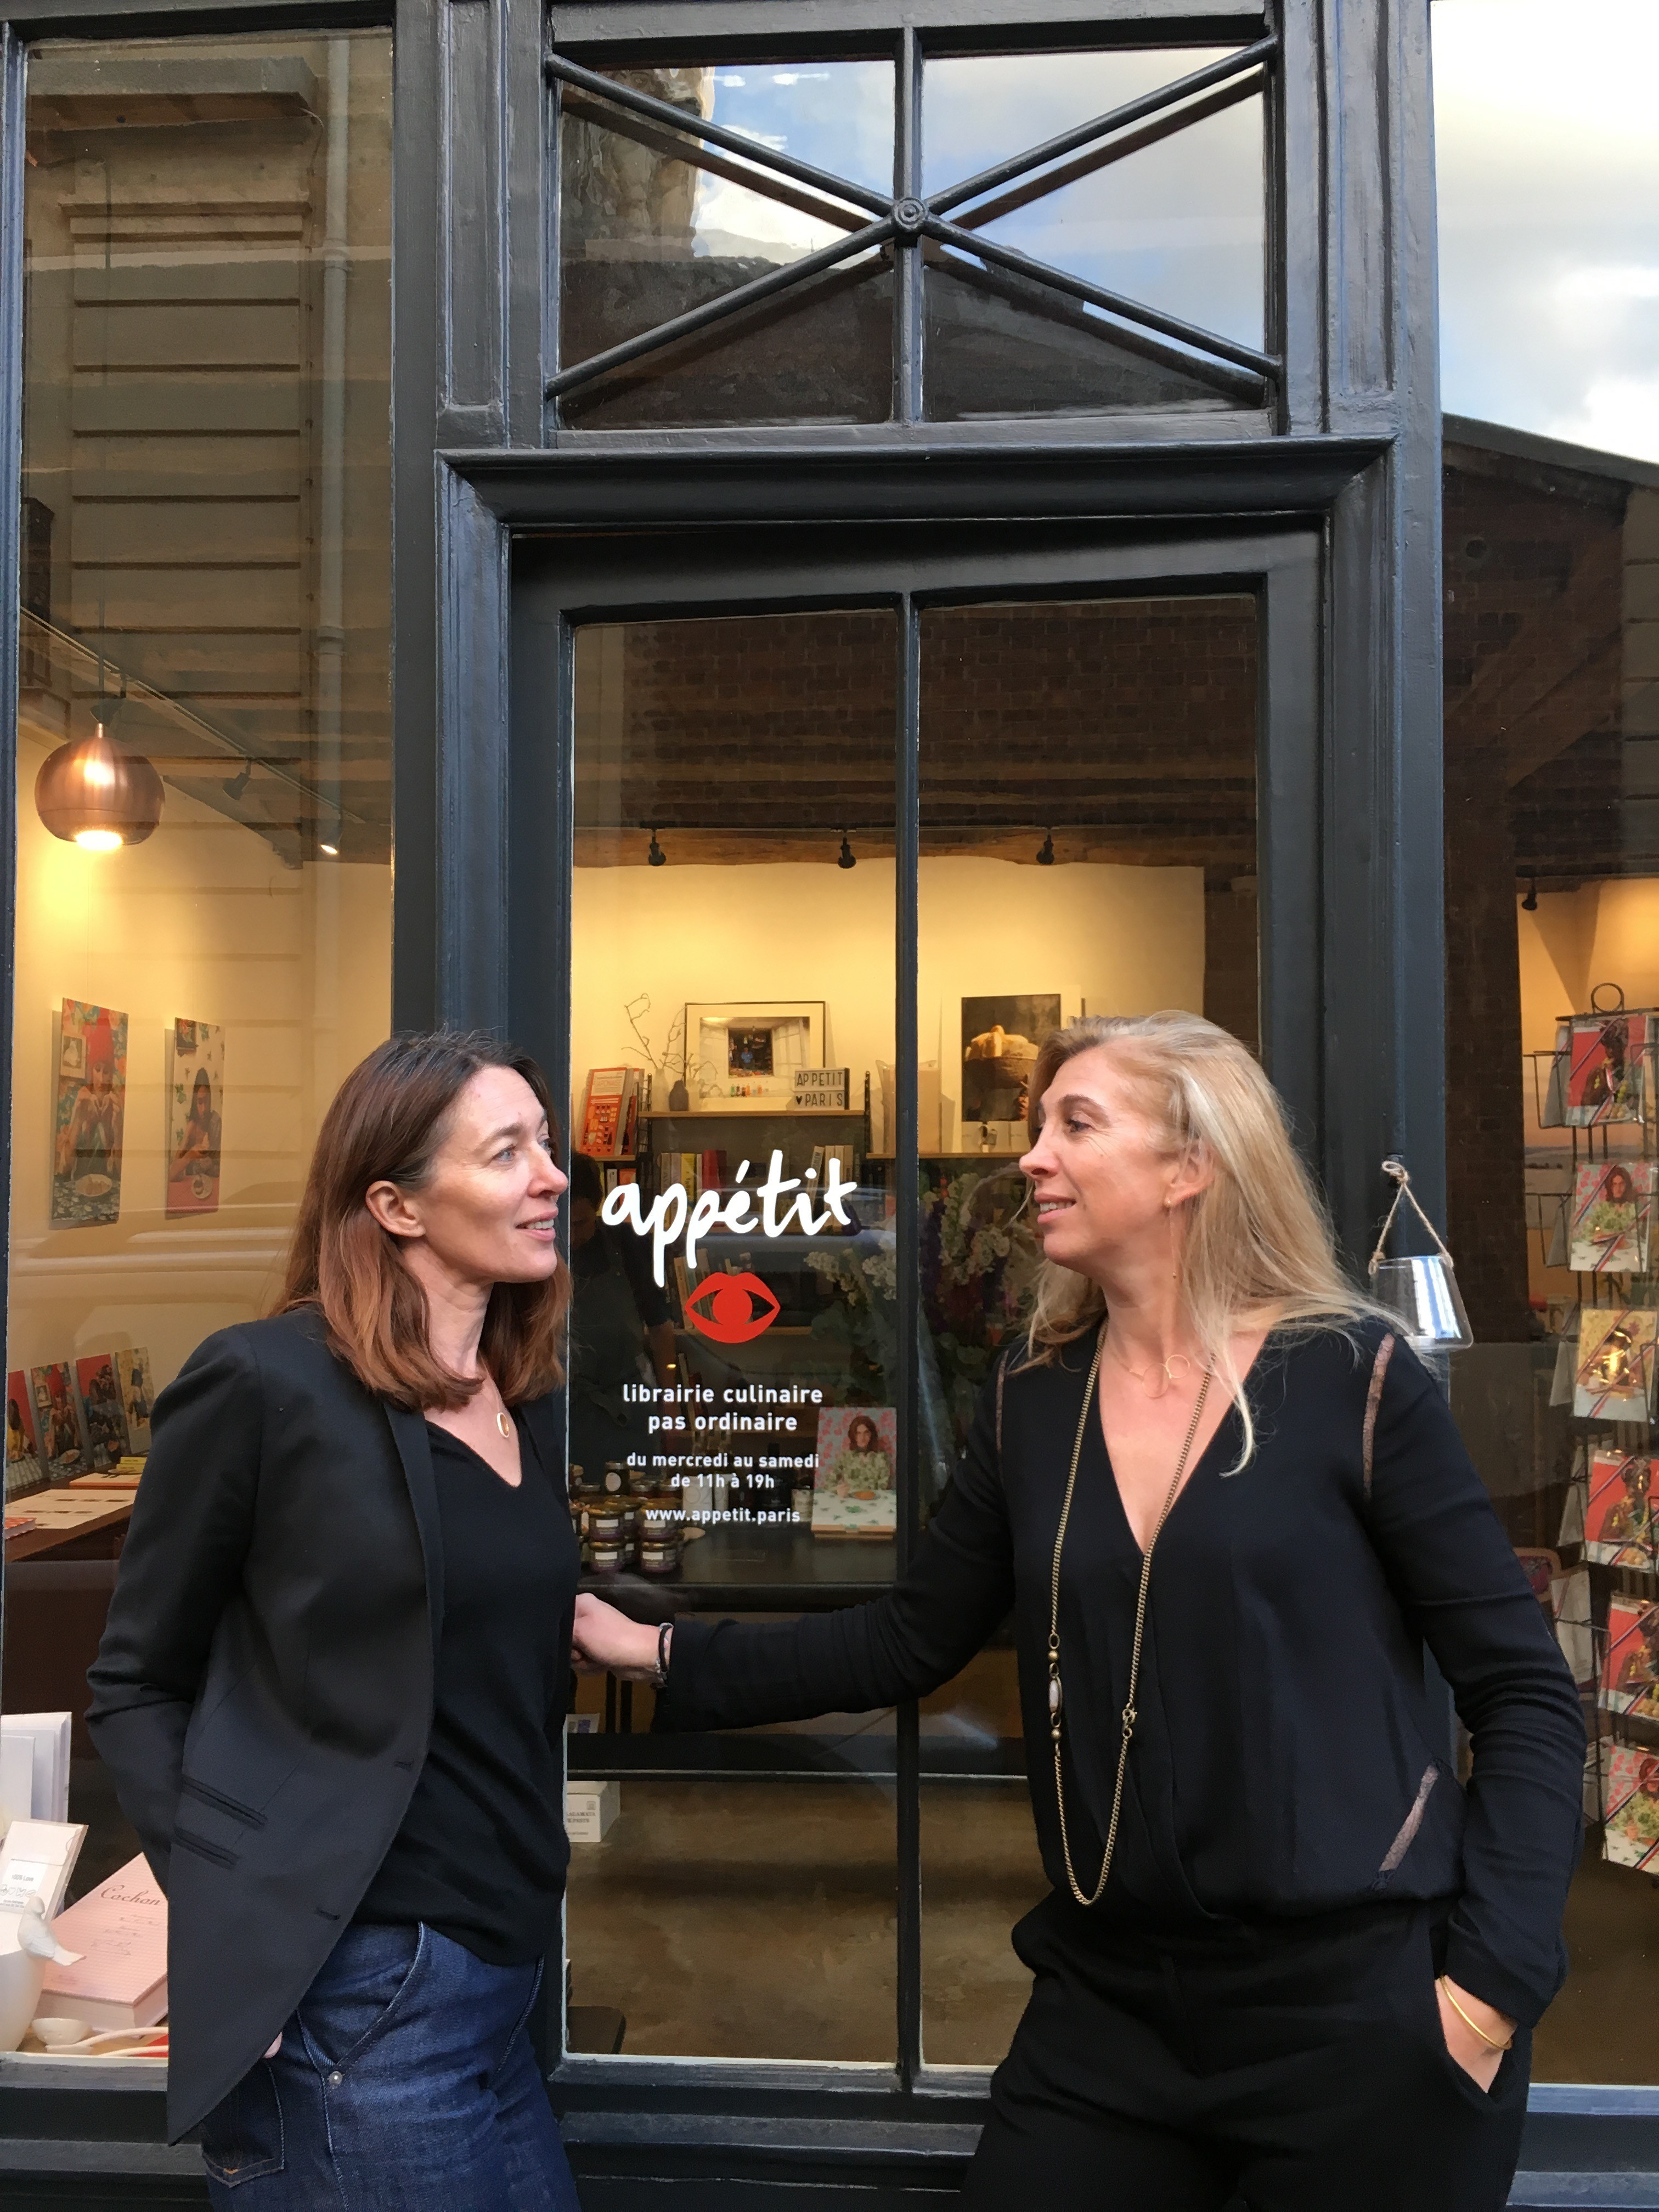 Voyage en littérature - Appétit - Sandrine et Clotilde